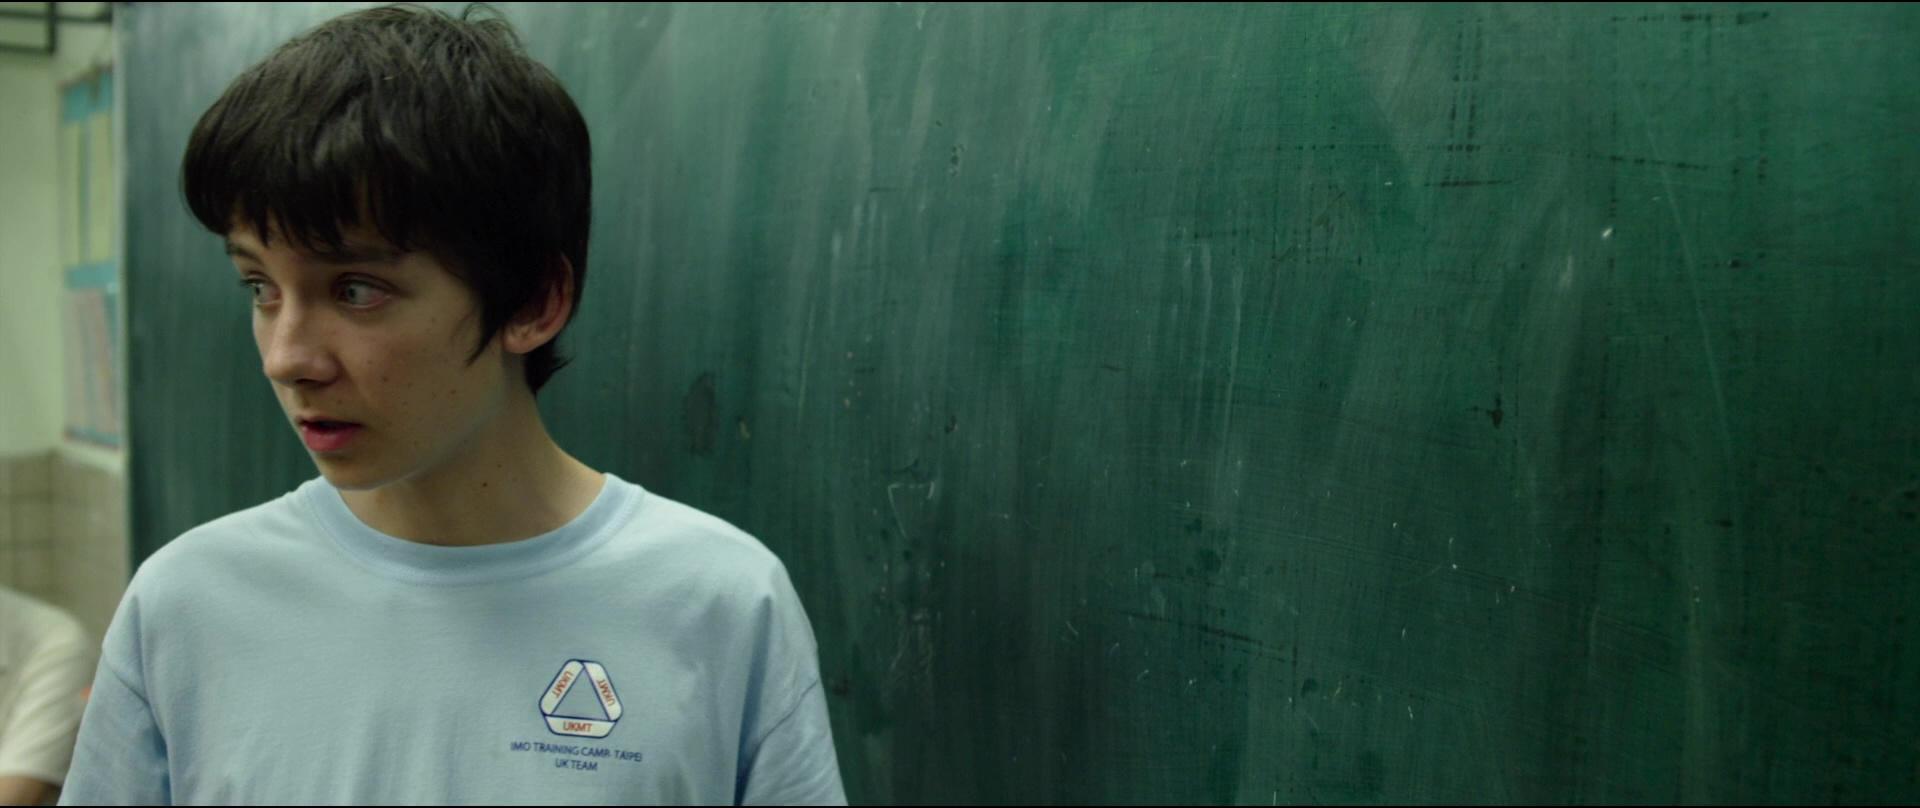 X + Y - A Brilliant Young Mind 2014 (1080p Bluray) DUAL TR-EN - Full HD Film indir